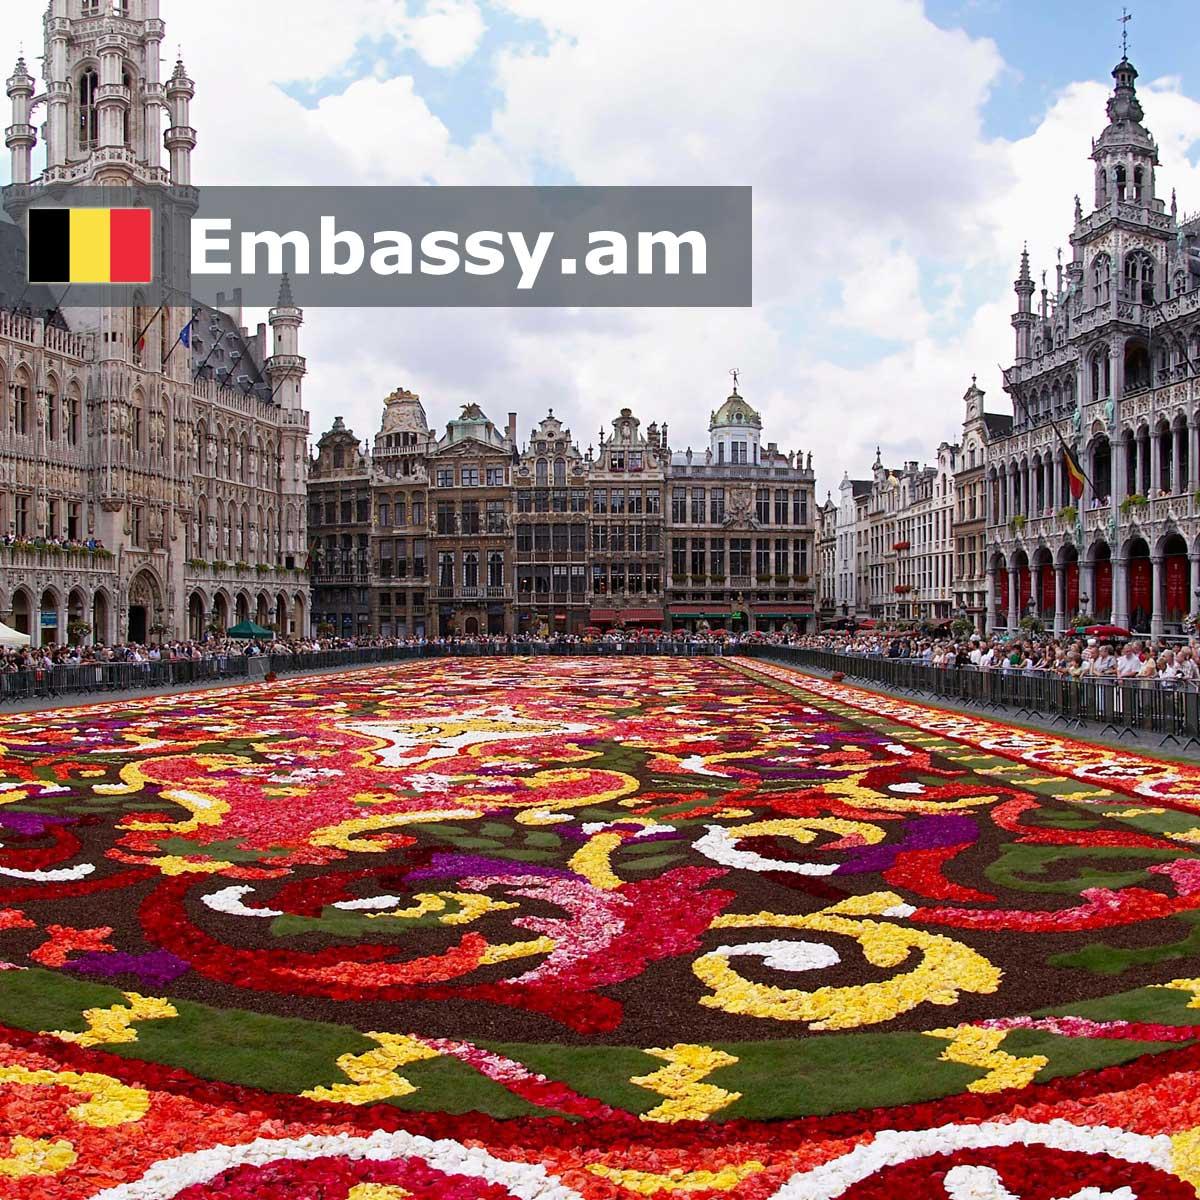 Отели в Бельгии - Embassy.am